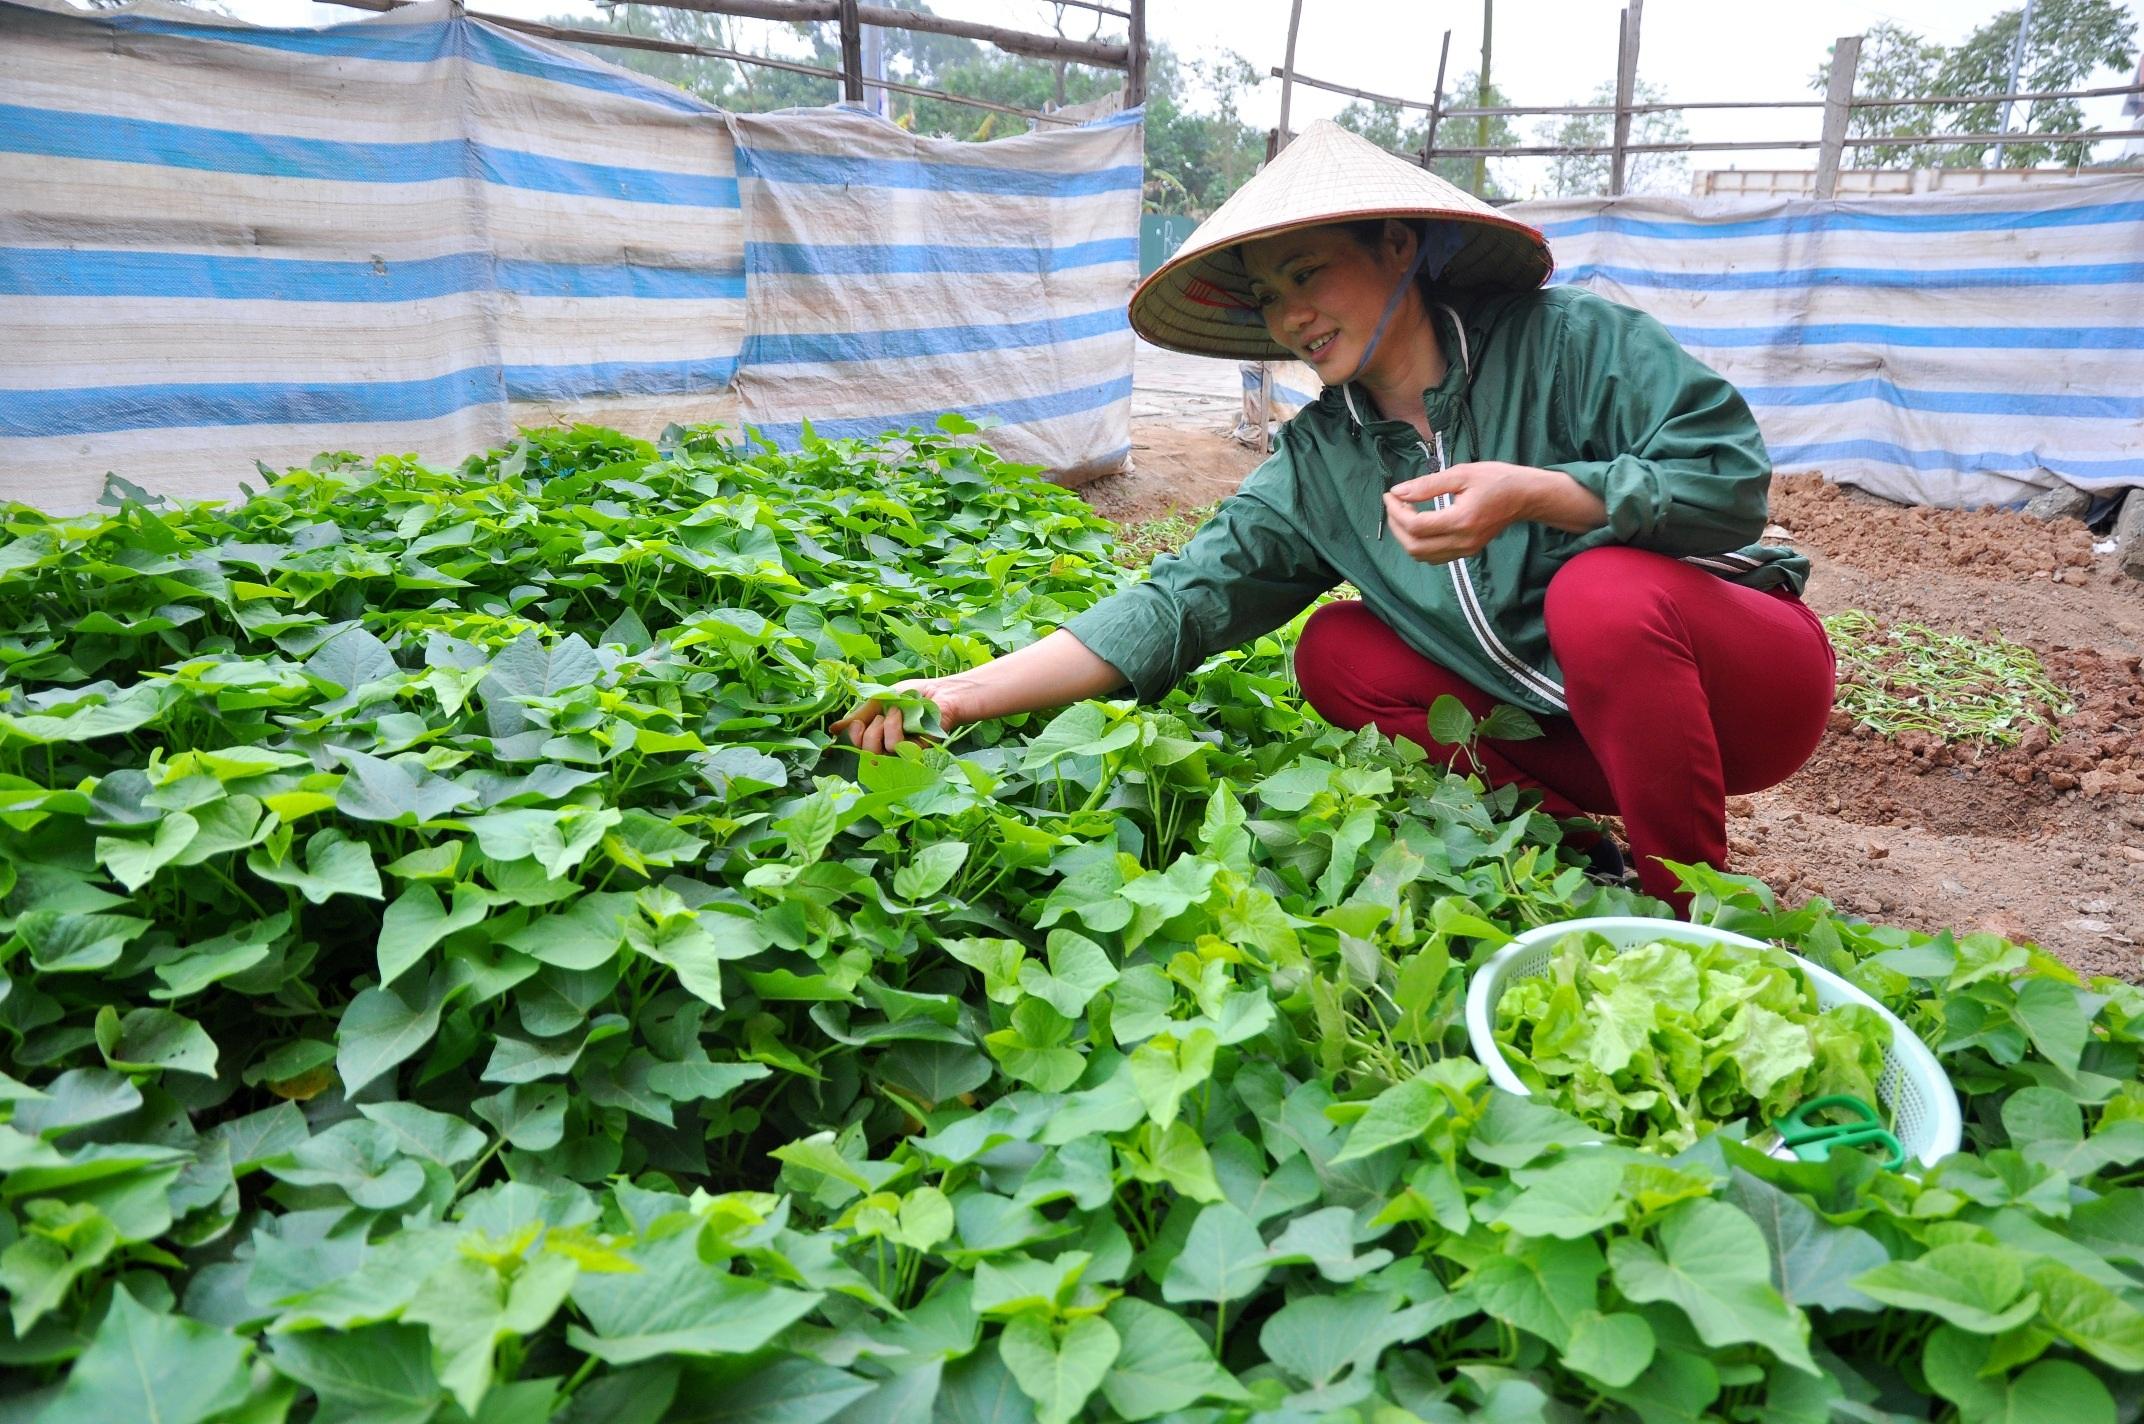 Chị Nguyễn Thị Hồng ở cách xa khu đô thị Trung Văn vài km, nhưng thấy đất để không rất lãng phí nên quyết định chọn một khu đất để gieo trồng. Chi cho biết, mỗi ngày hai lần chị đạp xe hoặc đi bộ tới đây để chăm sóc và hái rau về ăn.